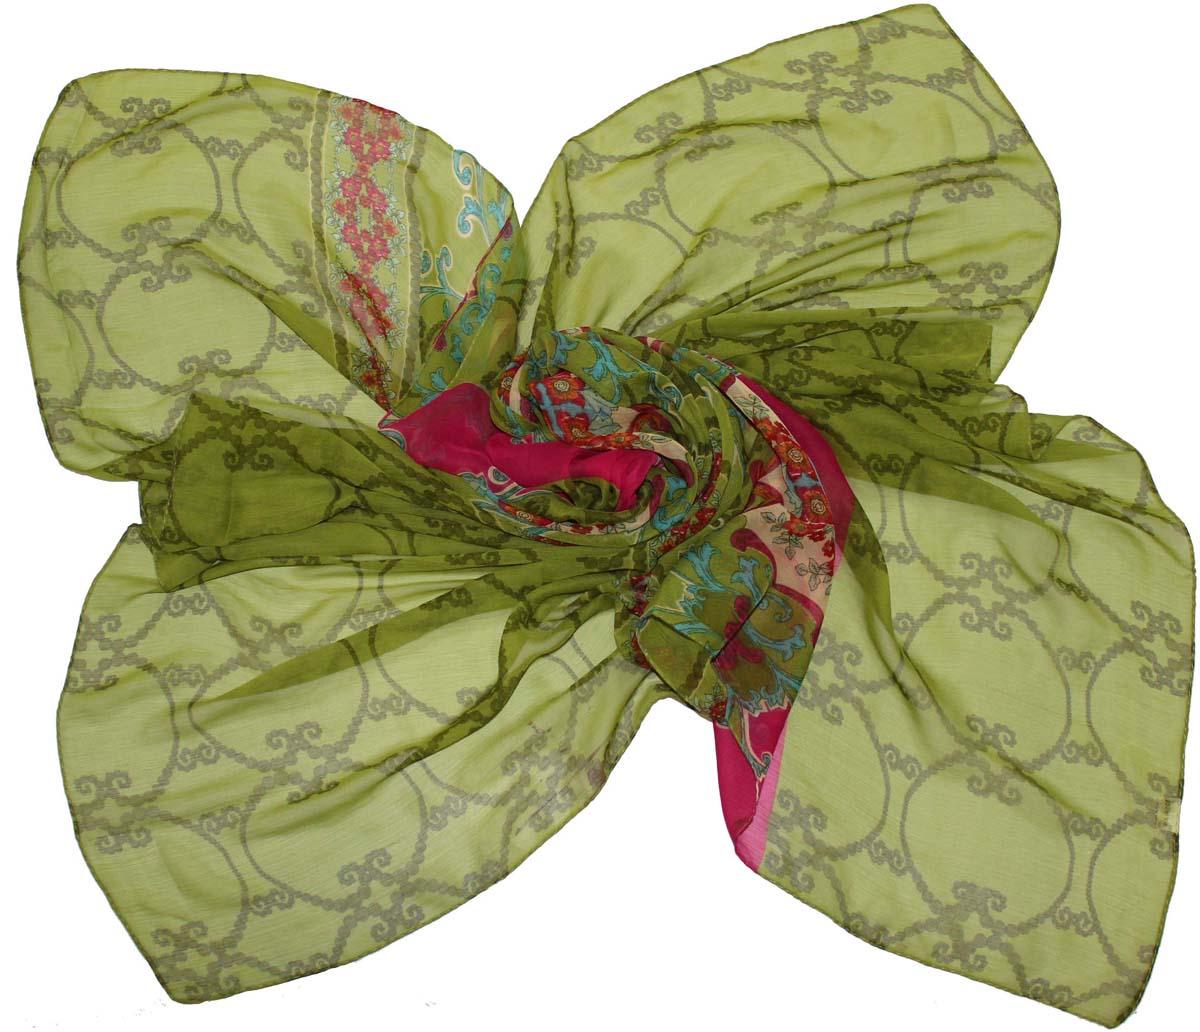 Платок женский Ethnica, цвет: лайм, фуксия. 524040н. Размер 90 см х 90 см524040нСтильный платок привлекательной расцветки изготовлен из 100% вискозы. Он удачно дополнит ваш гардероб и поможет создать новый повседневный образ, добавить в него яркие краски. Отличный вариант для тех, кто стремится к самовыражению и новизне!